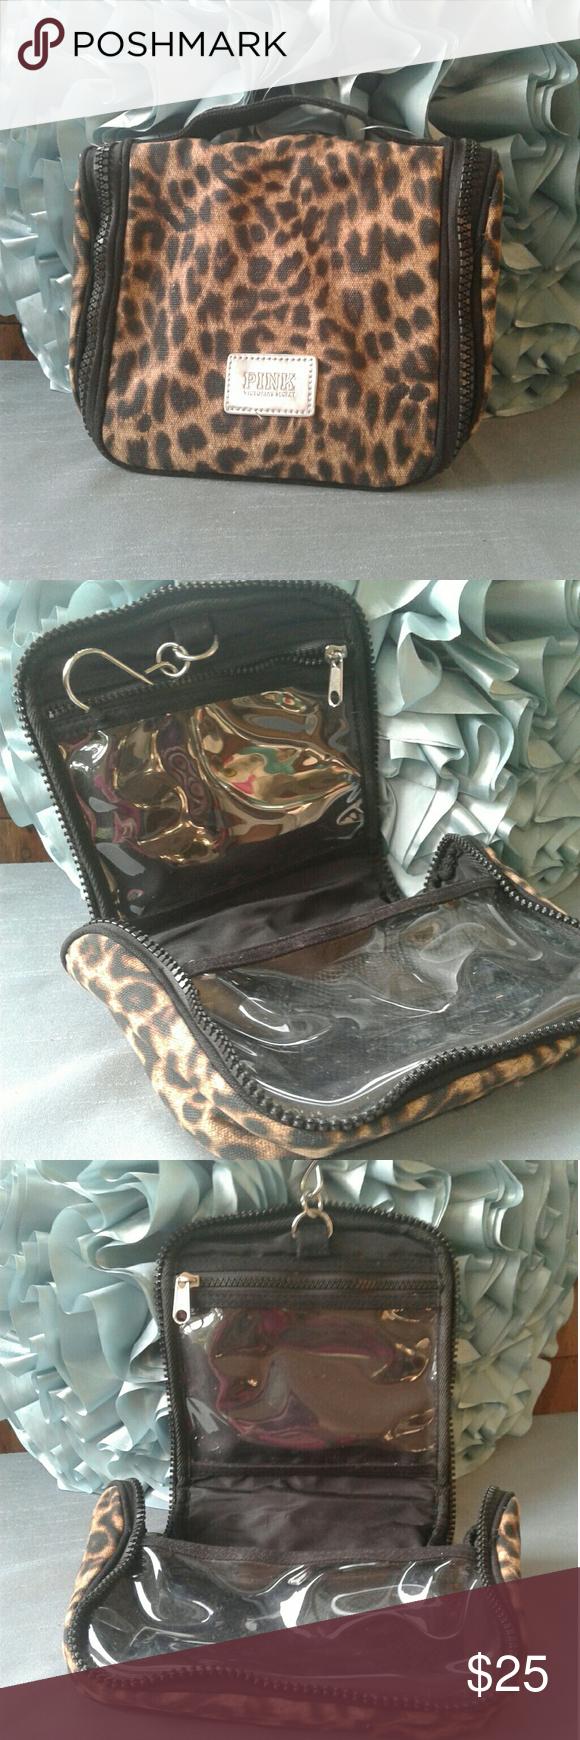 VS PINK Hanging Cosmetic Bag Hanging cosmetic bag